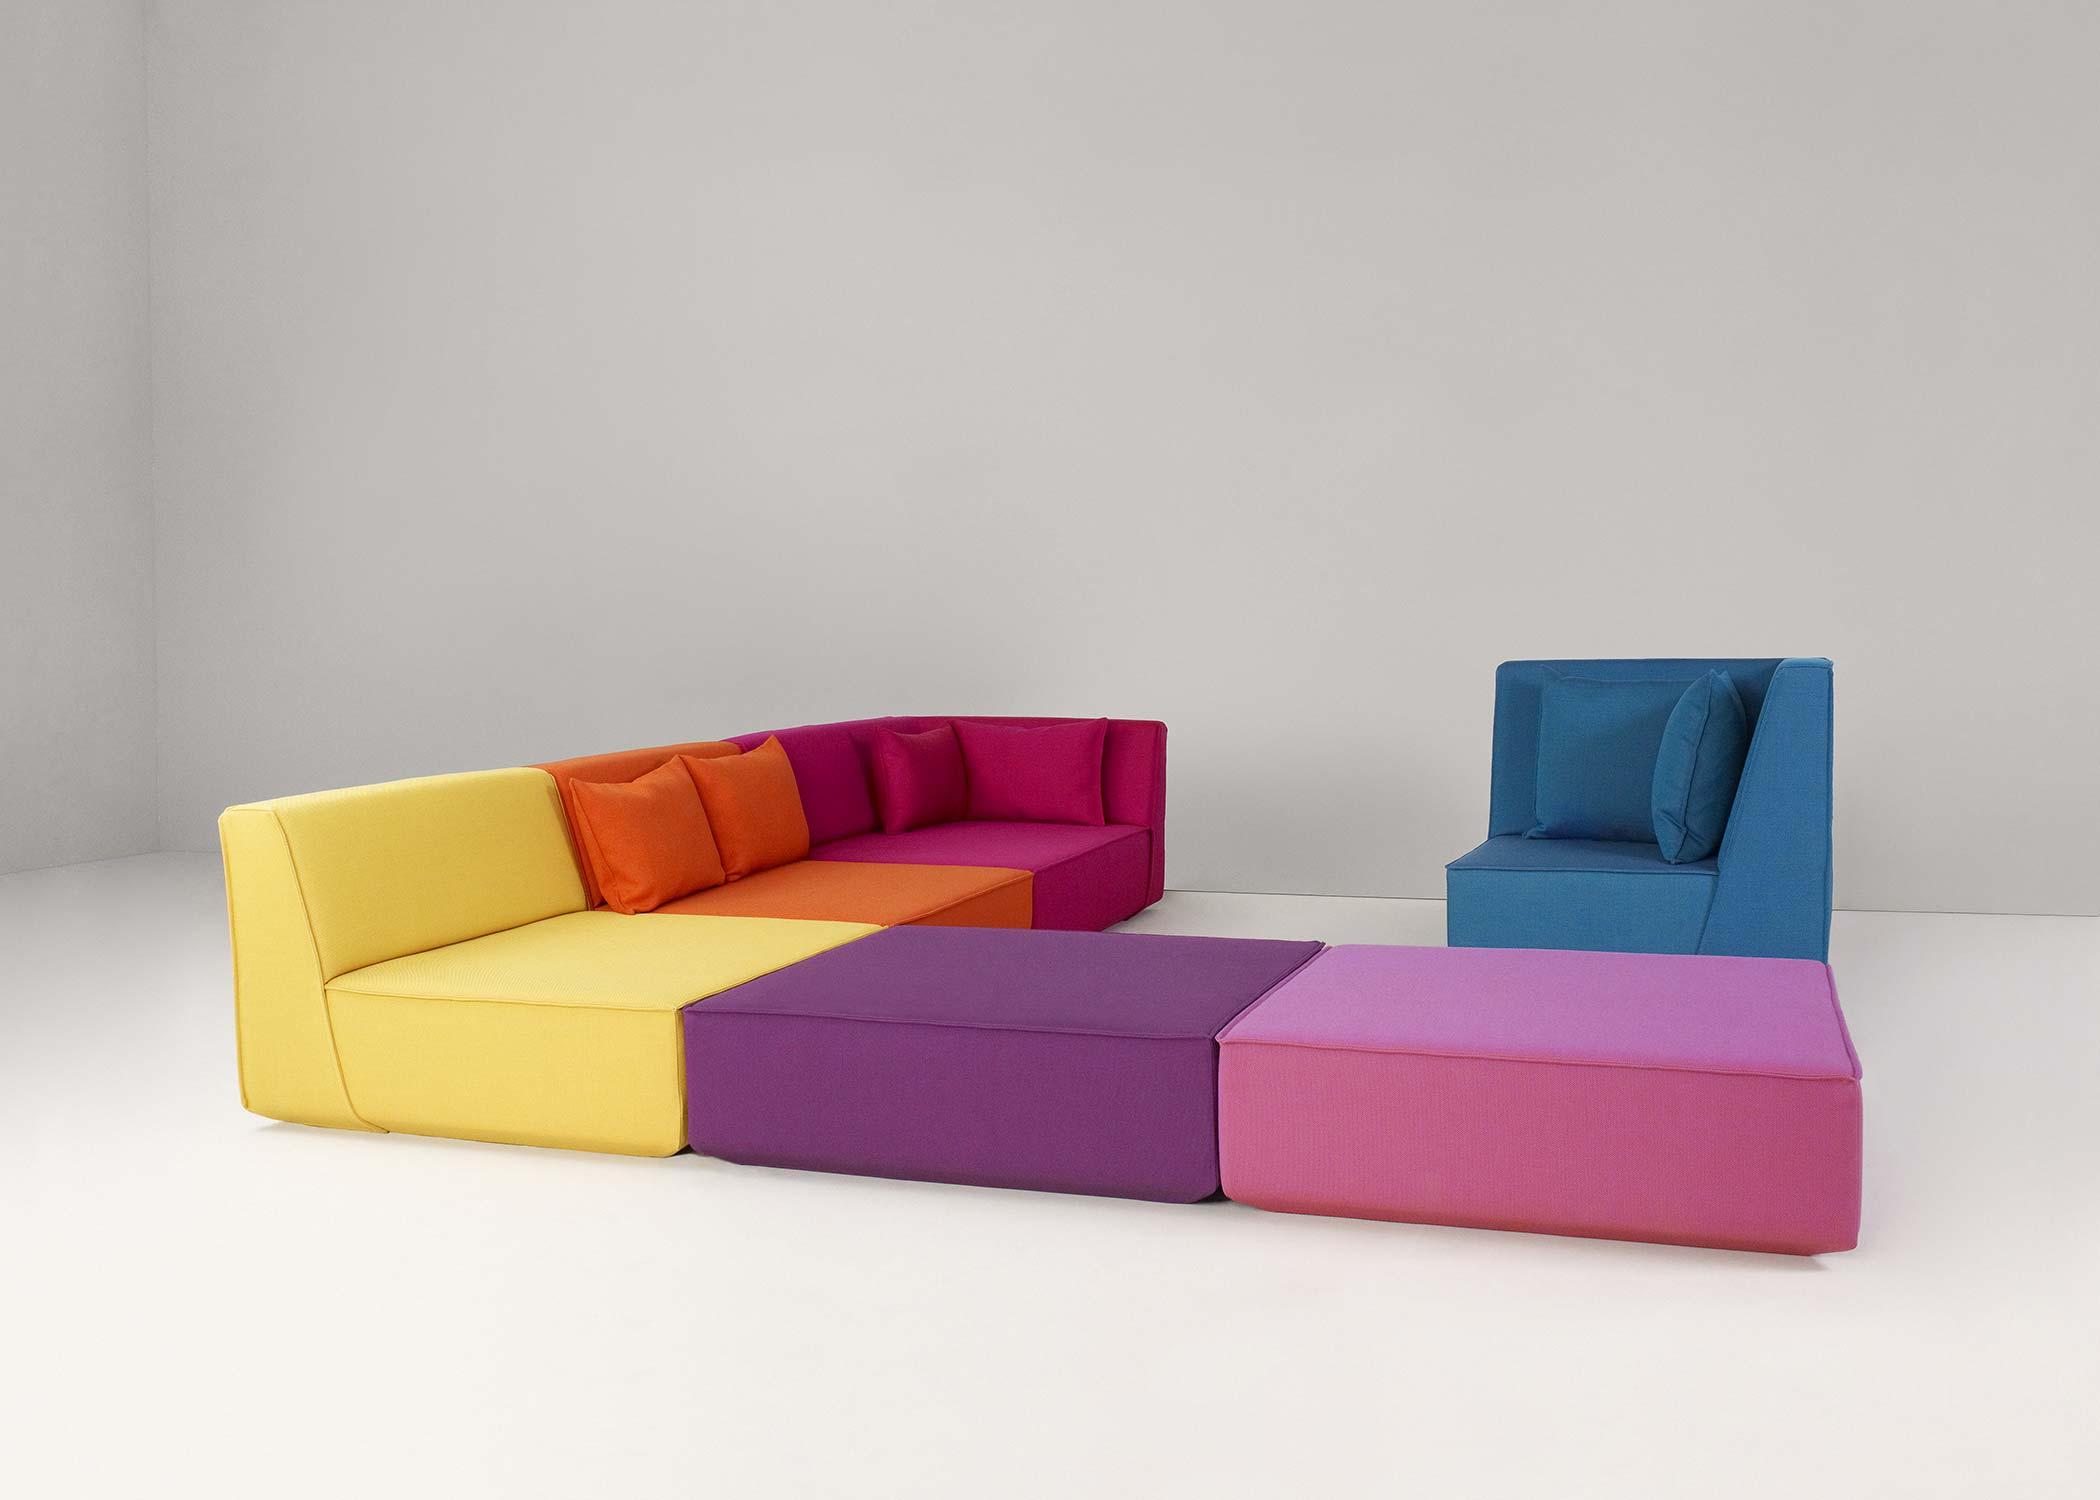 vitra sofa modular contemporary sectional sofas nyc canapé modulable multicolore